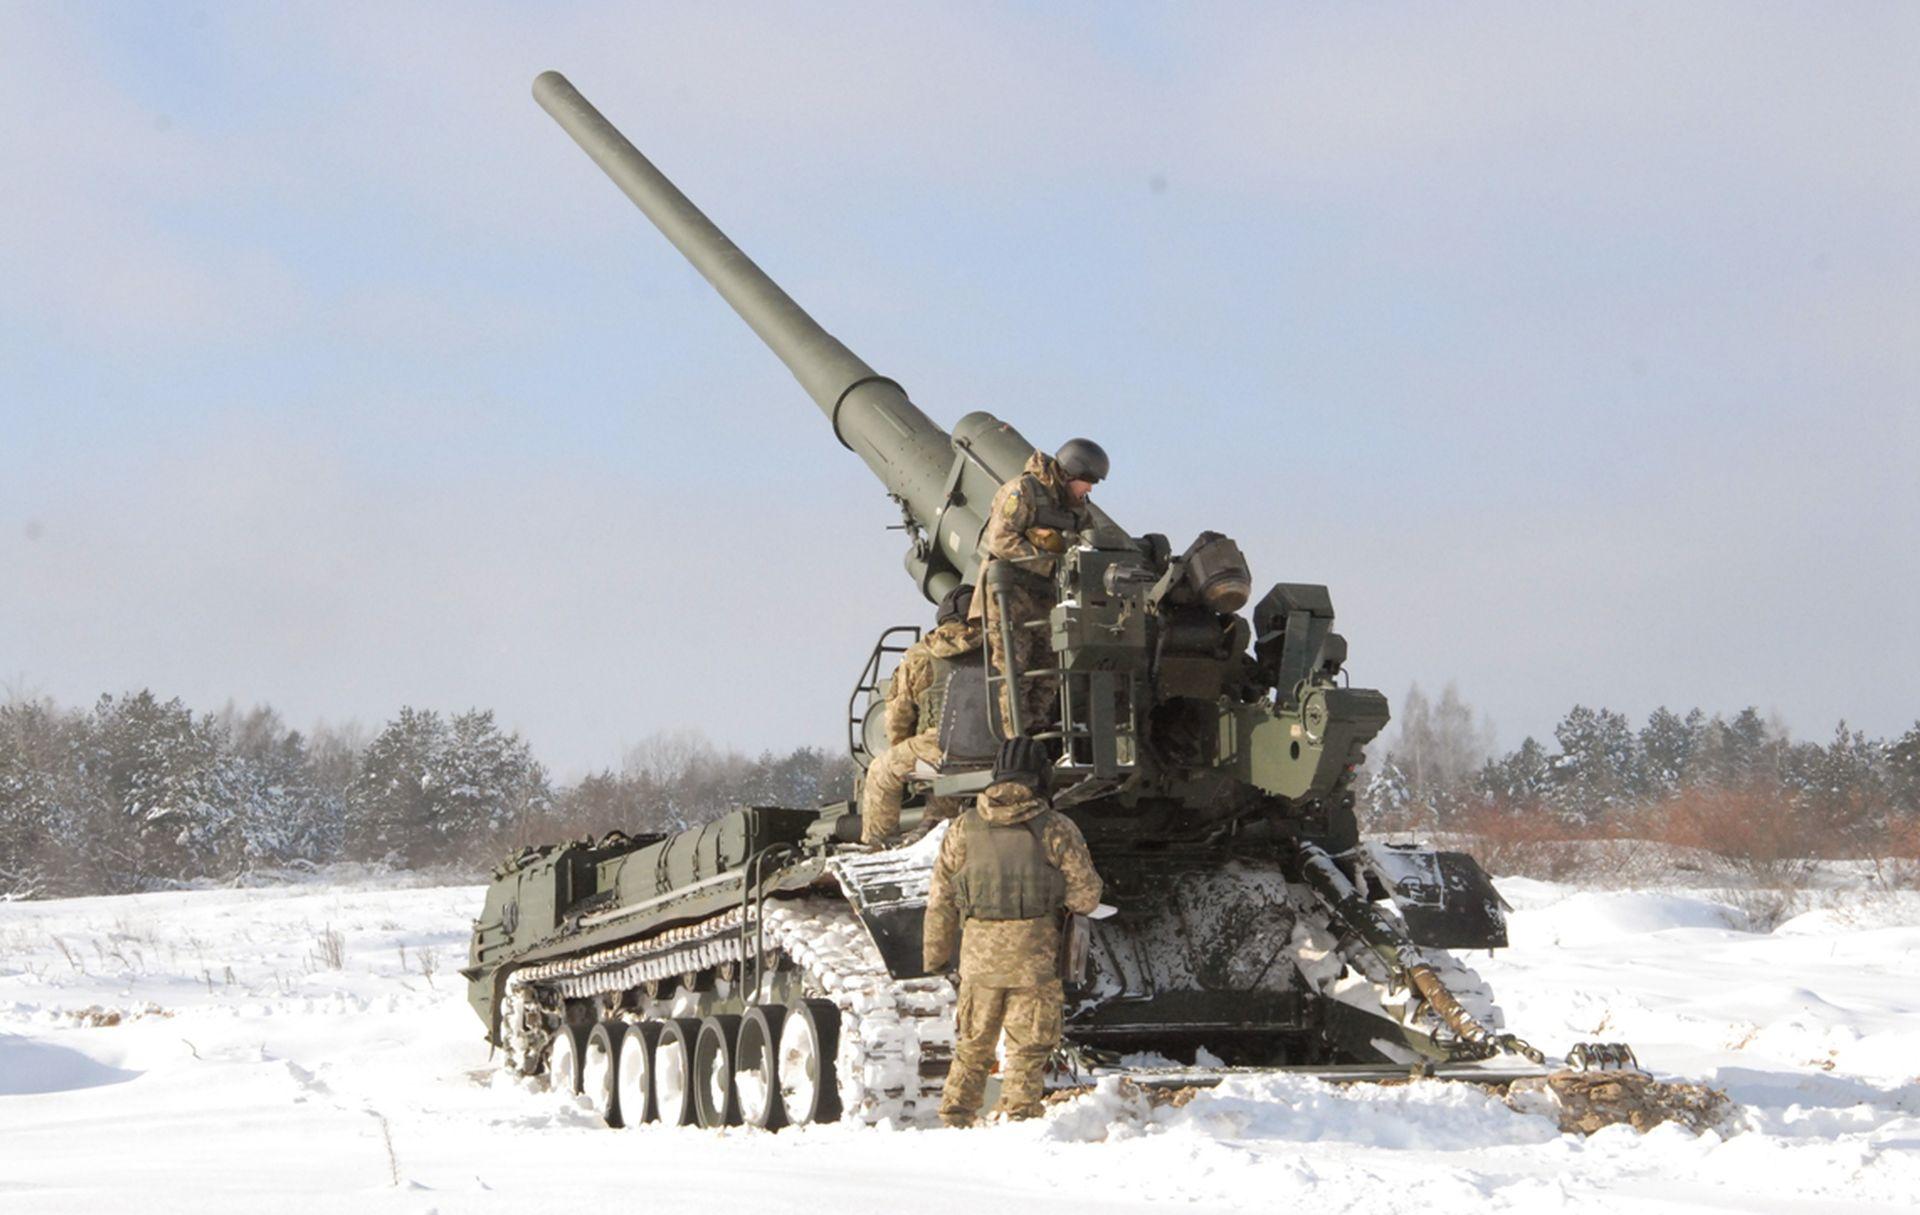 Зброя для Джакарти та безпечні арсенали – чим жили Збройні Сили протягом тижня